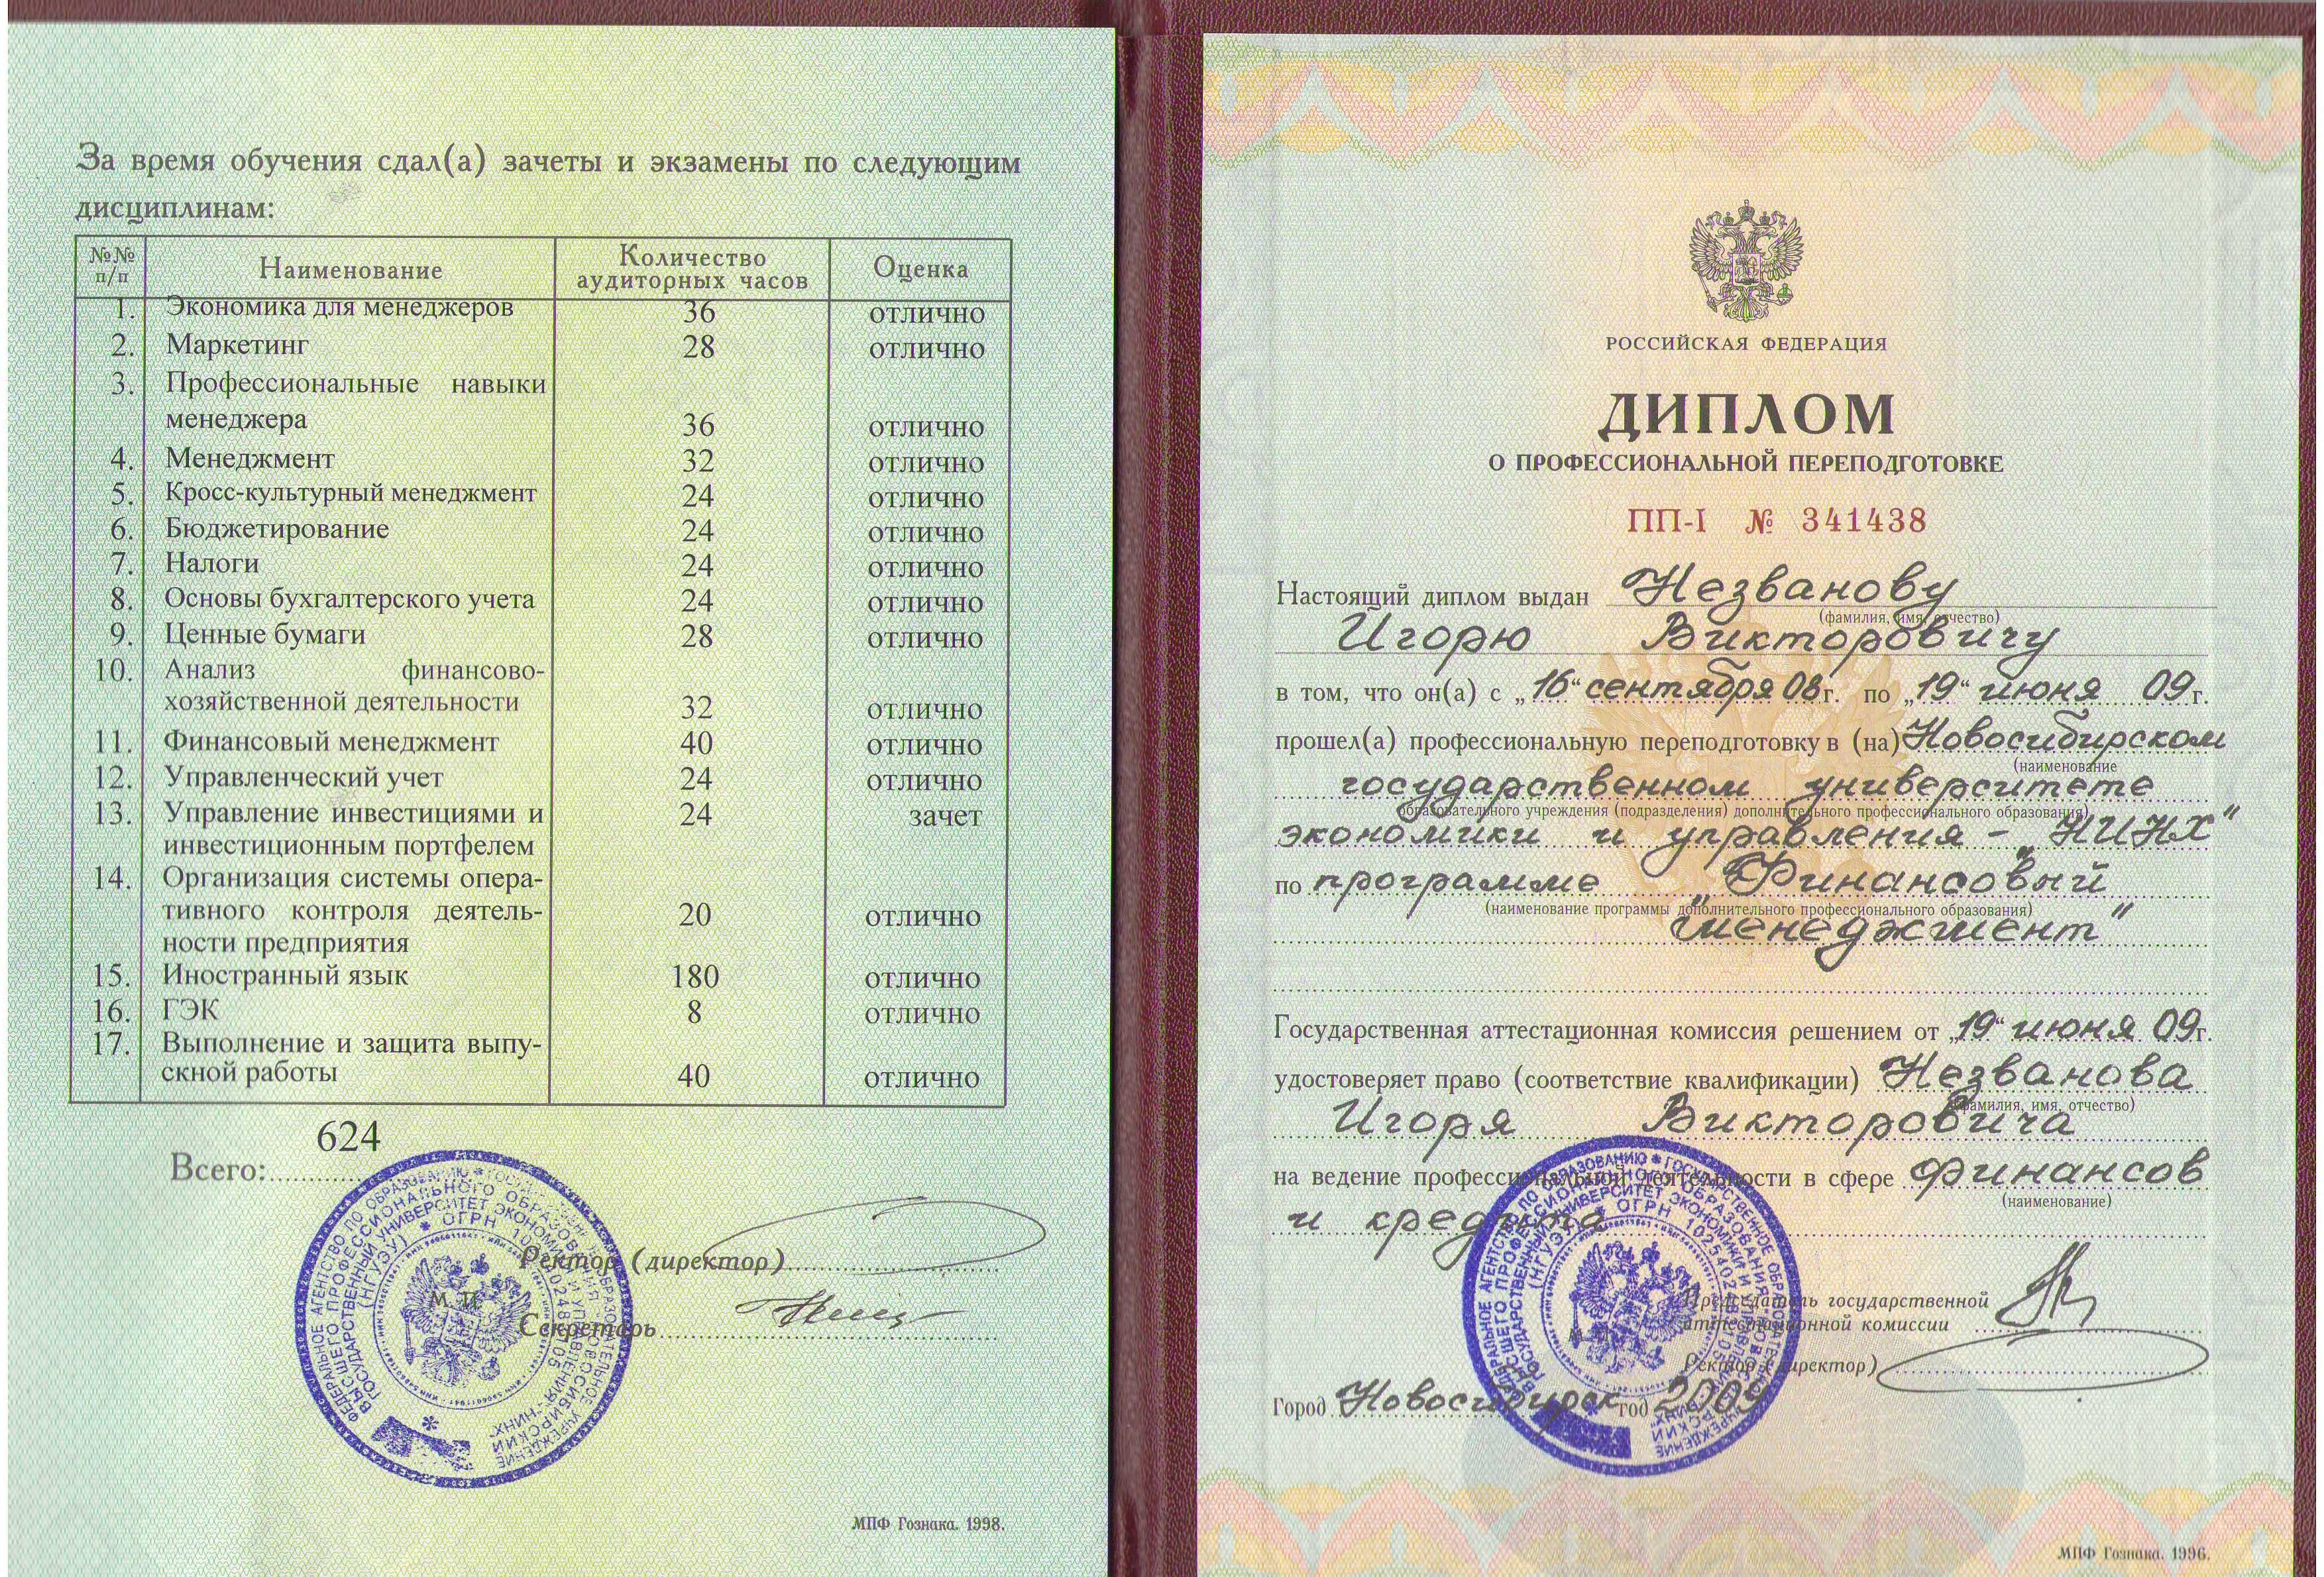 Банкротство Новосибирск Ликвидация предприятия Новосибирск   Диплом о профессиональной переподготовке